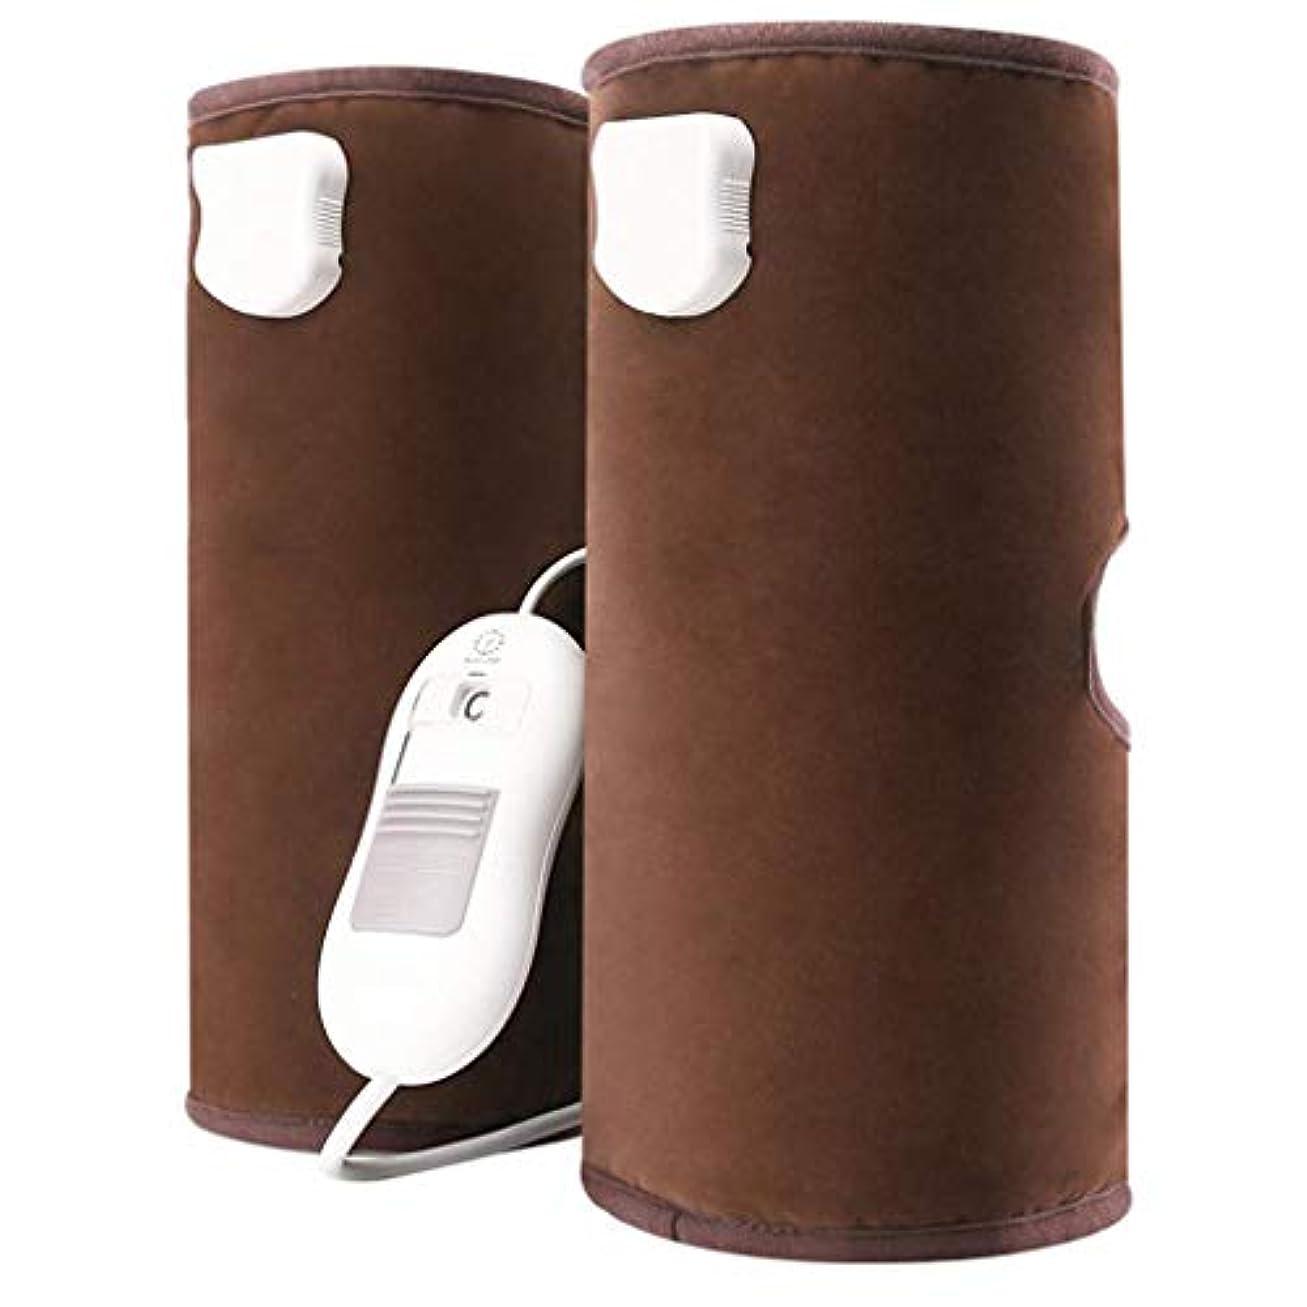 興奮する部引退した循環と筋肉の痛みを軽減するための電熱膝パッド空気圧縮脚マッサージ、(青、赤、茶色)父の日ギフト,Brown